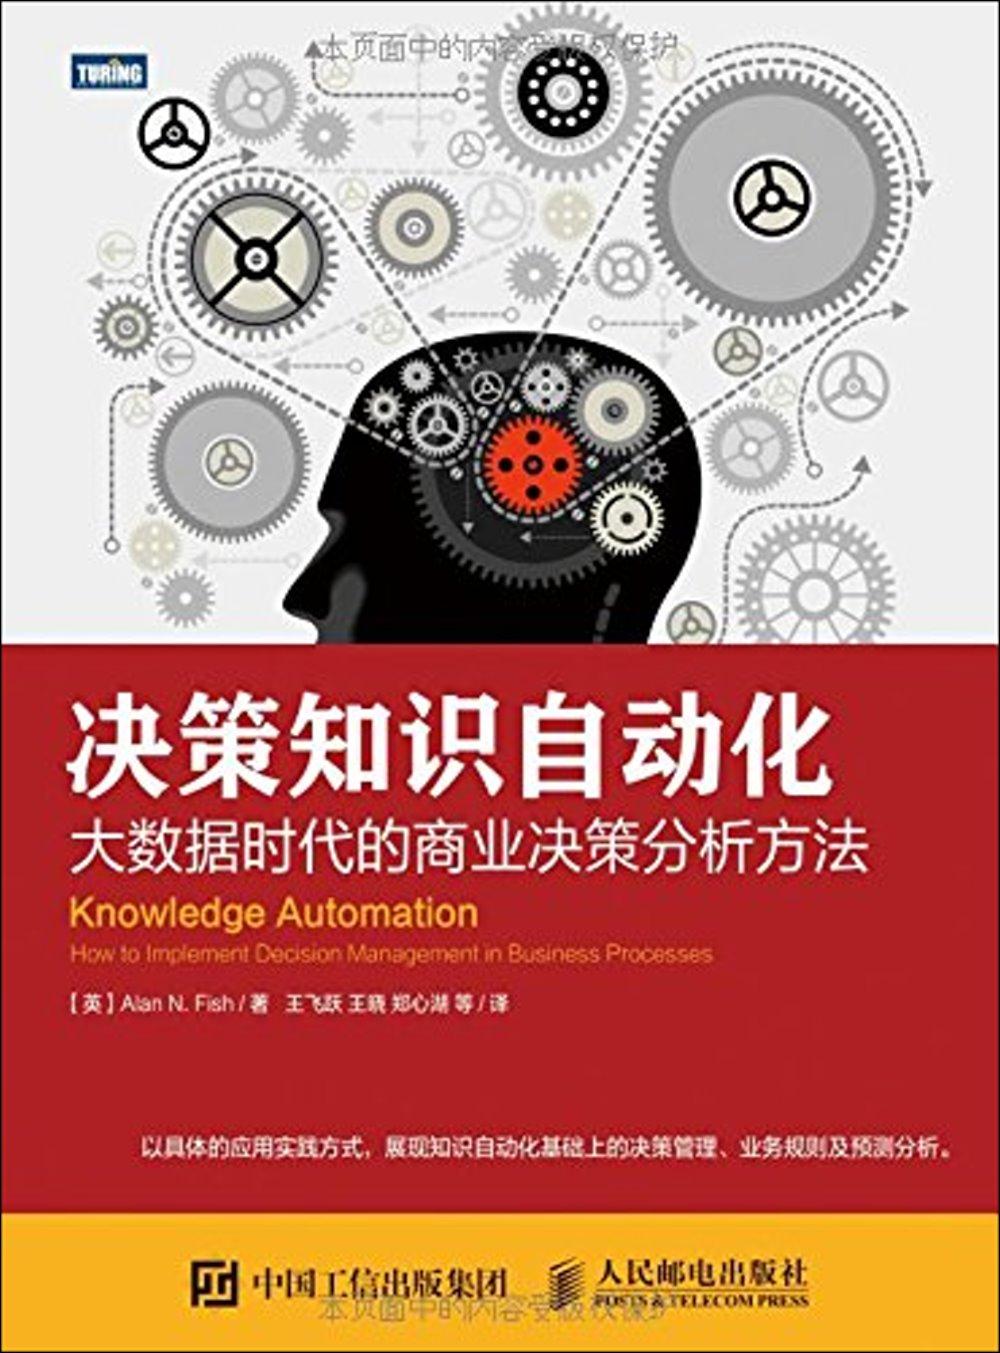 決策知識自動化:大數據時代的商業決策分析方法